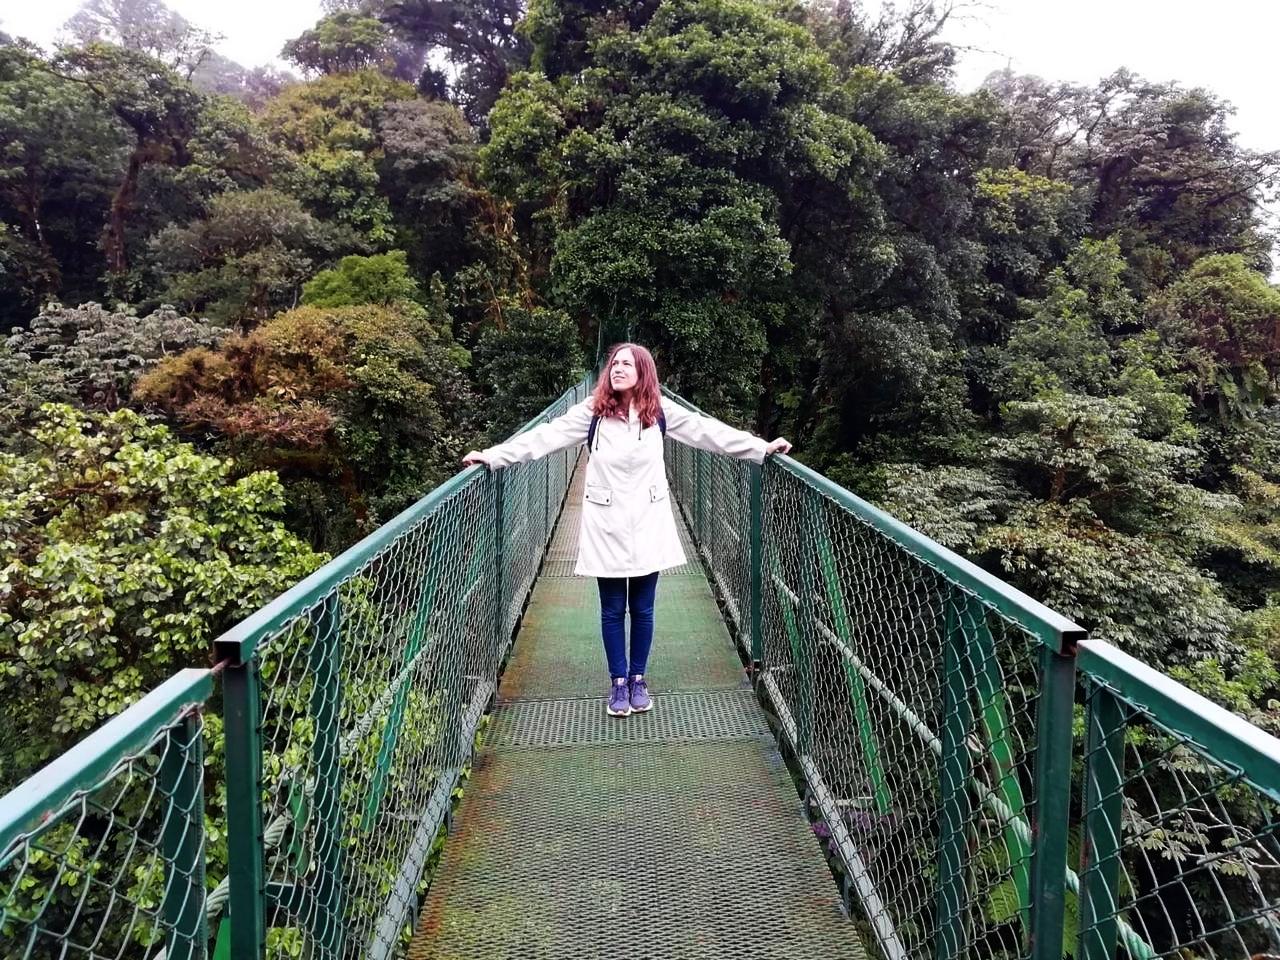 Cruzando los puentes colgantes a la altura de las copas de los árboles.